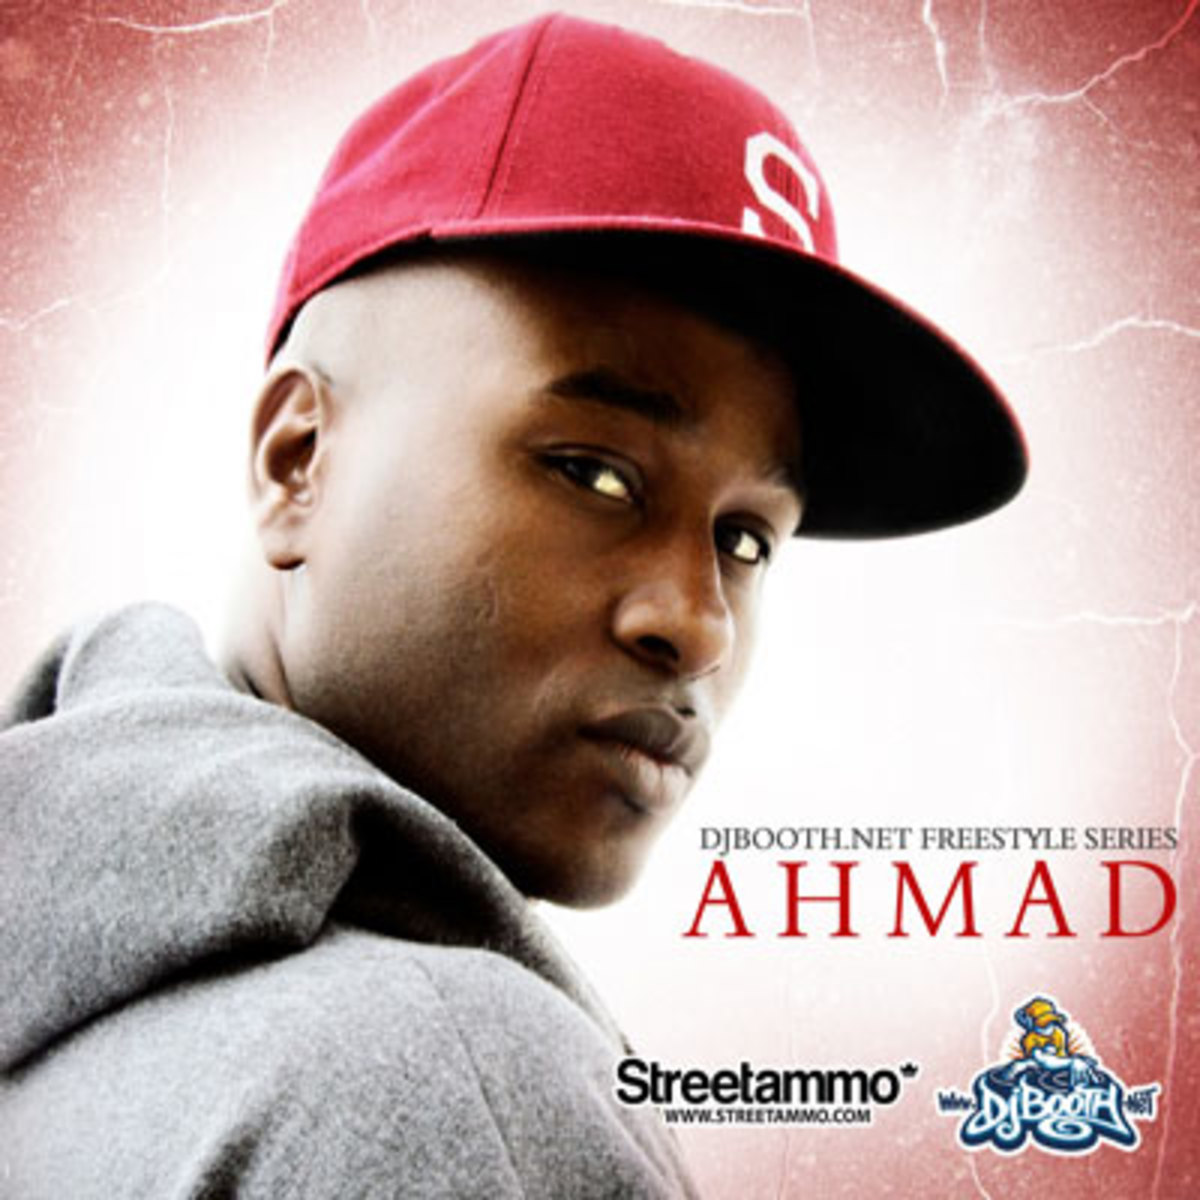 ahmad-freestyle.jpg